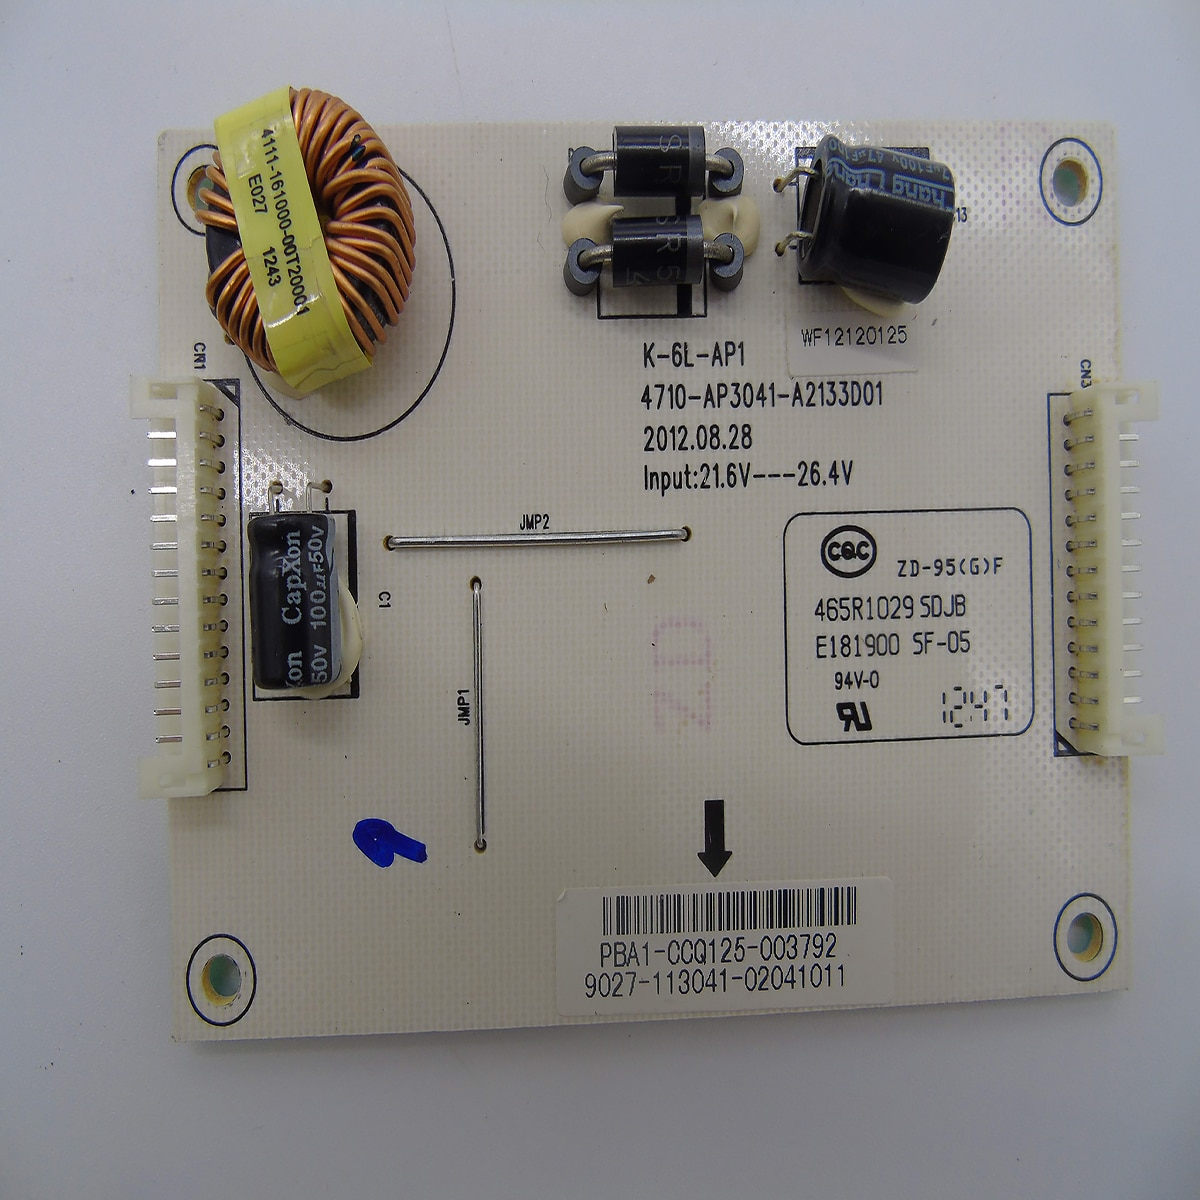 100% من اختبار لوحة التيار المستمر LE37KUH3 K-6L-AP1 4710-AP3041-A2133D01